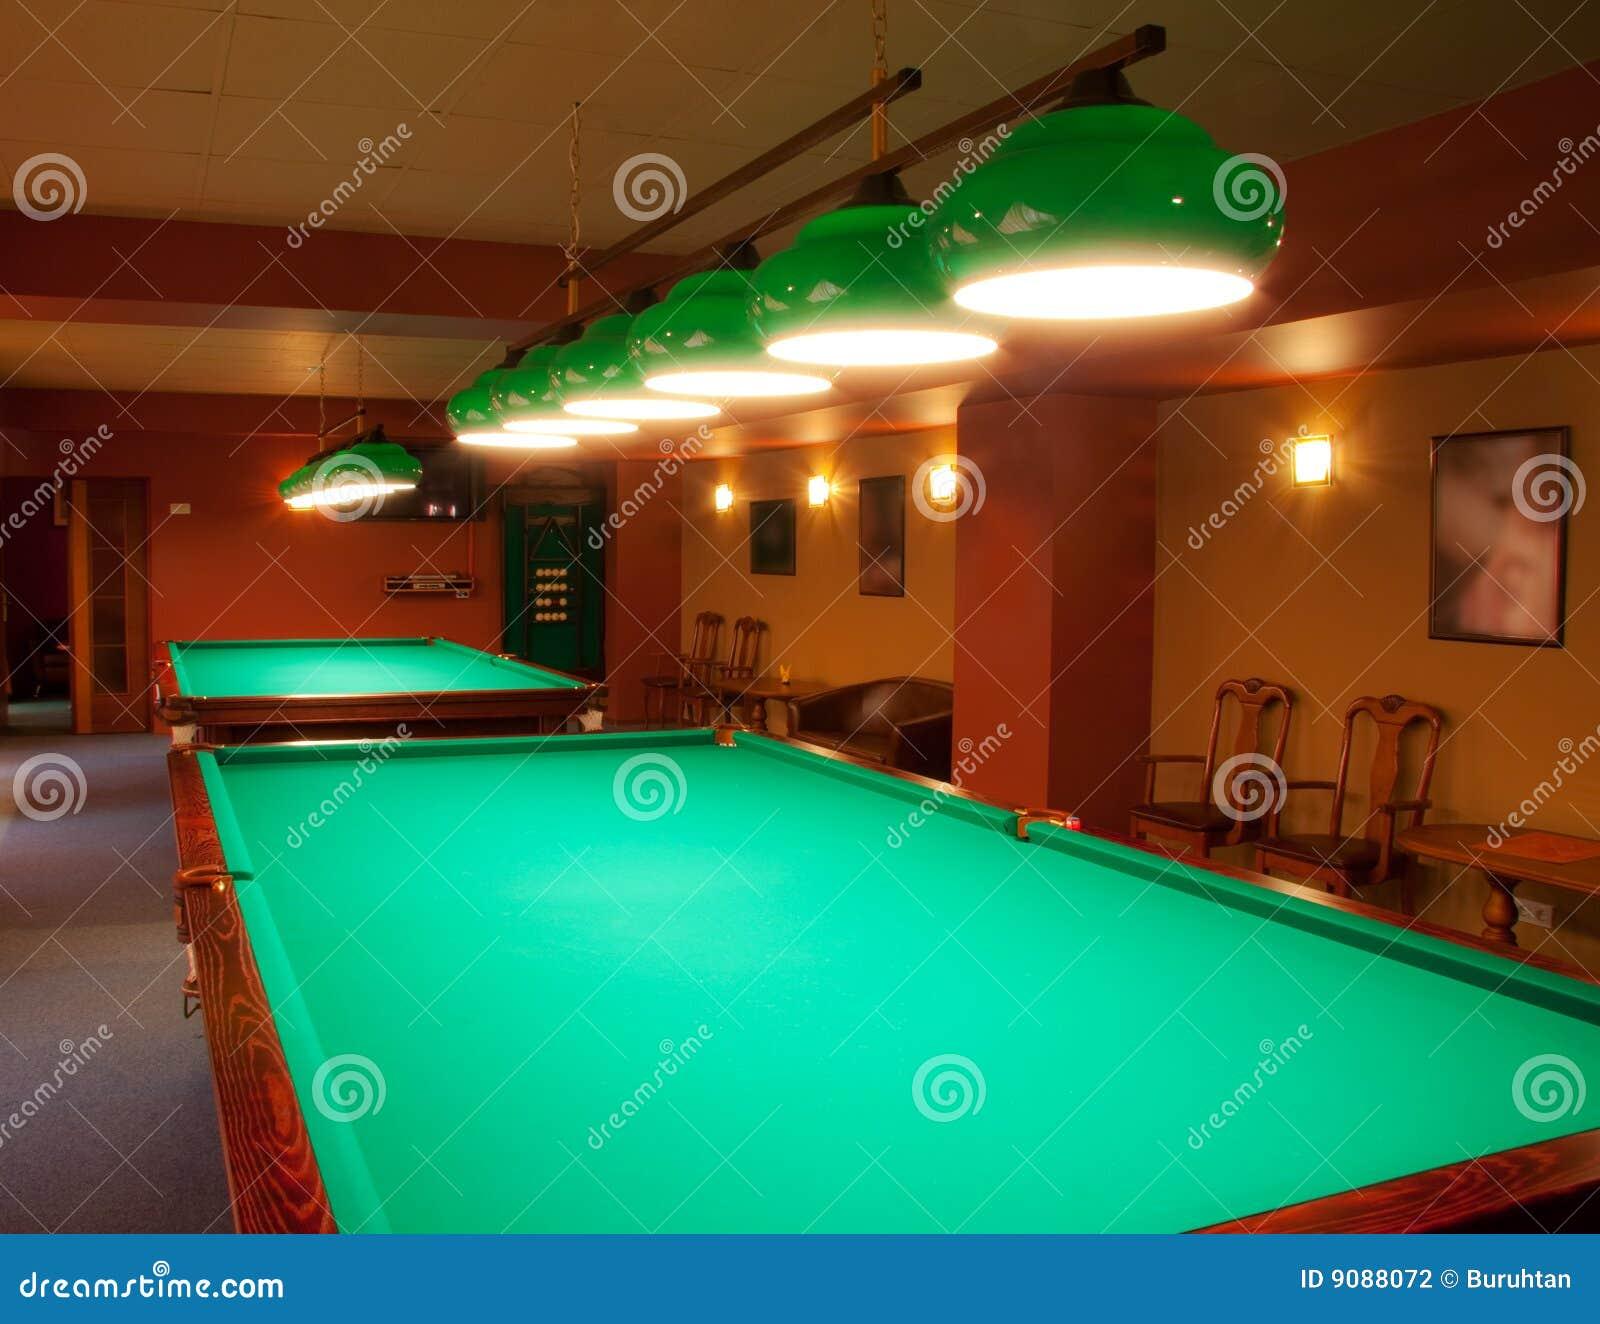 Innenraum eines Klumpens, der Billiardtabellen hat